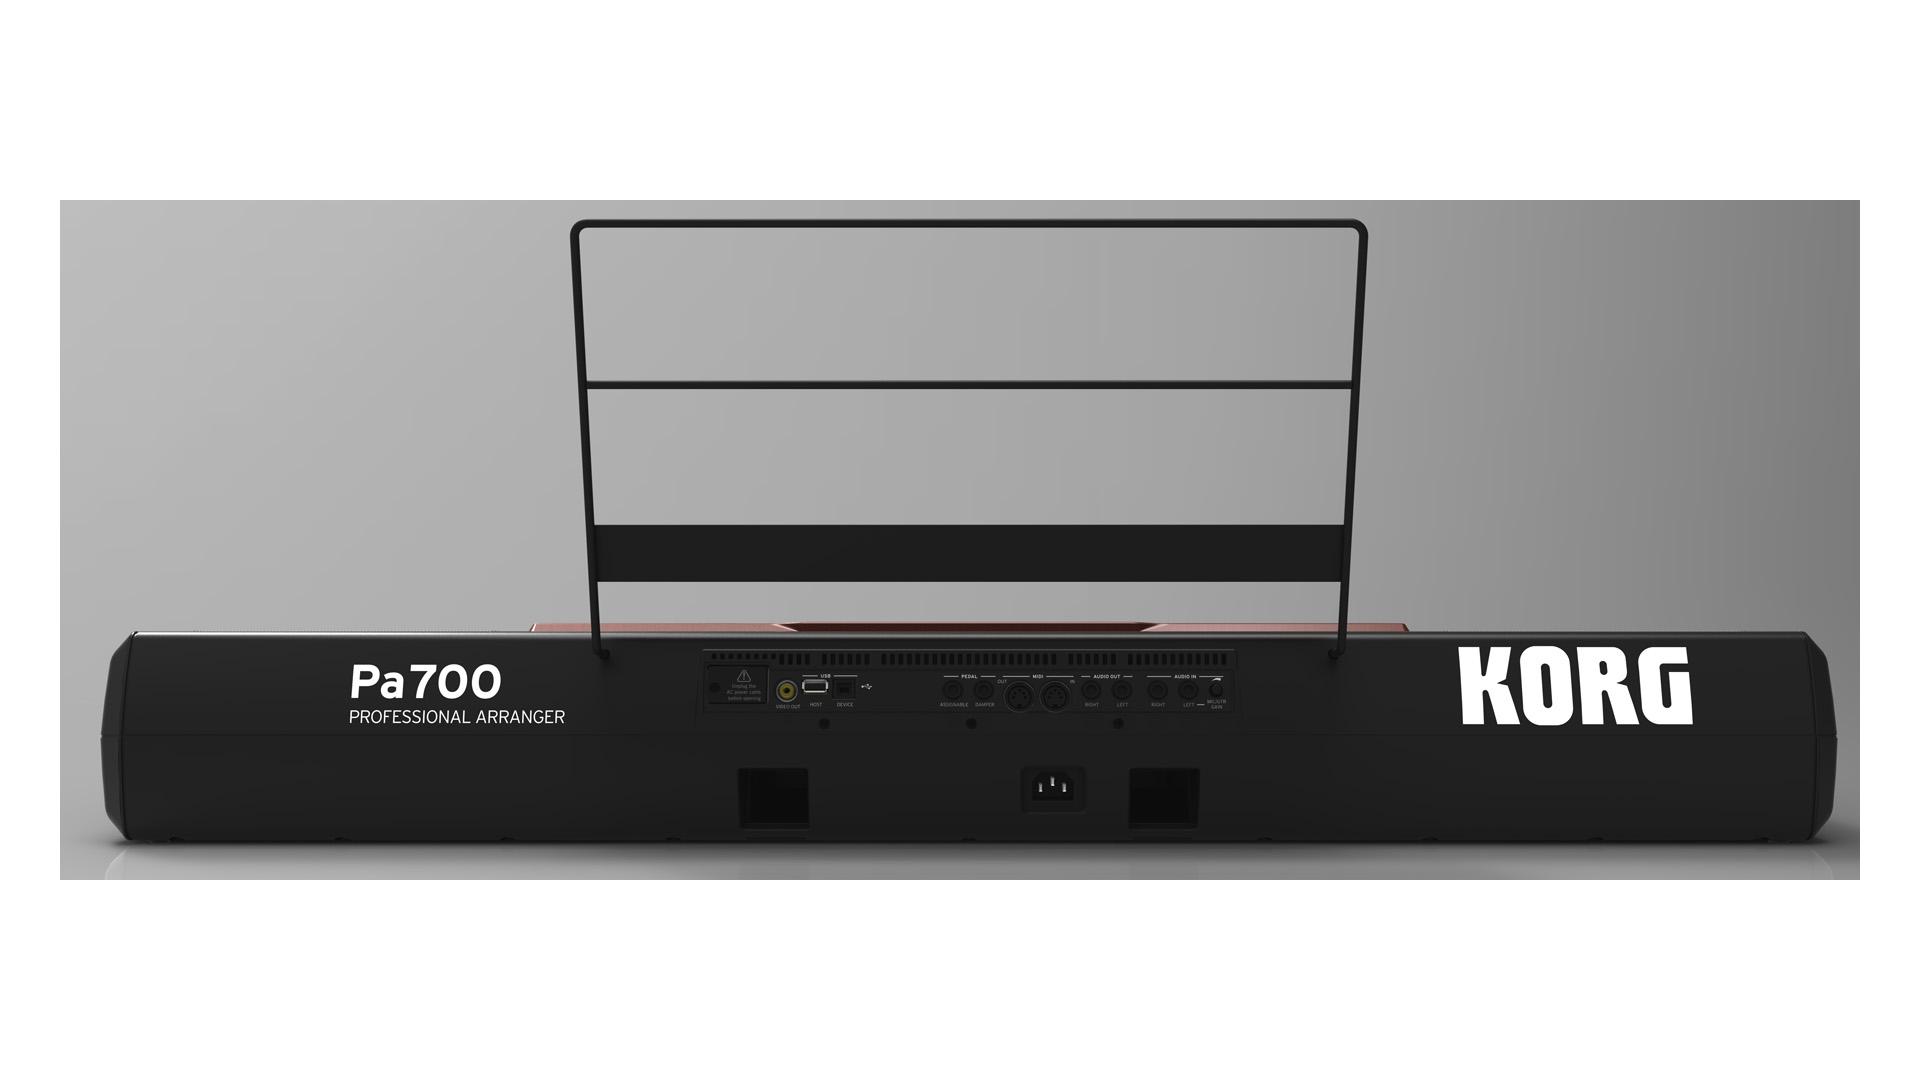 KORG Pa700